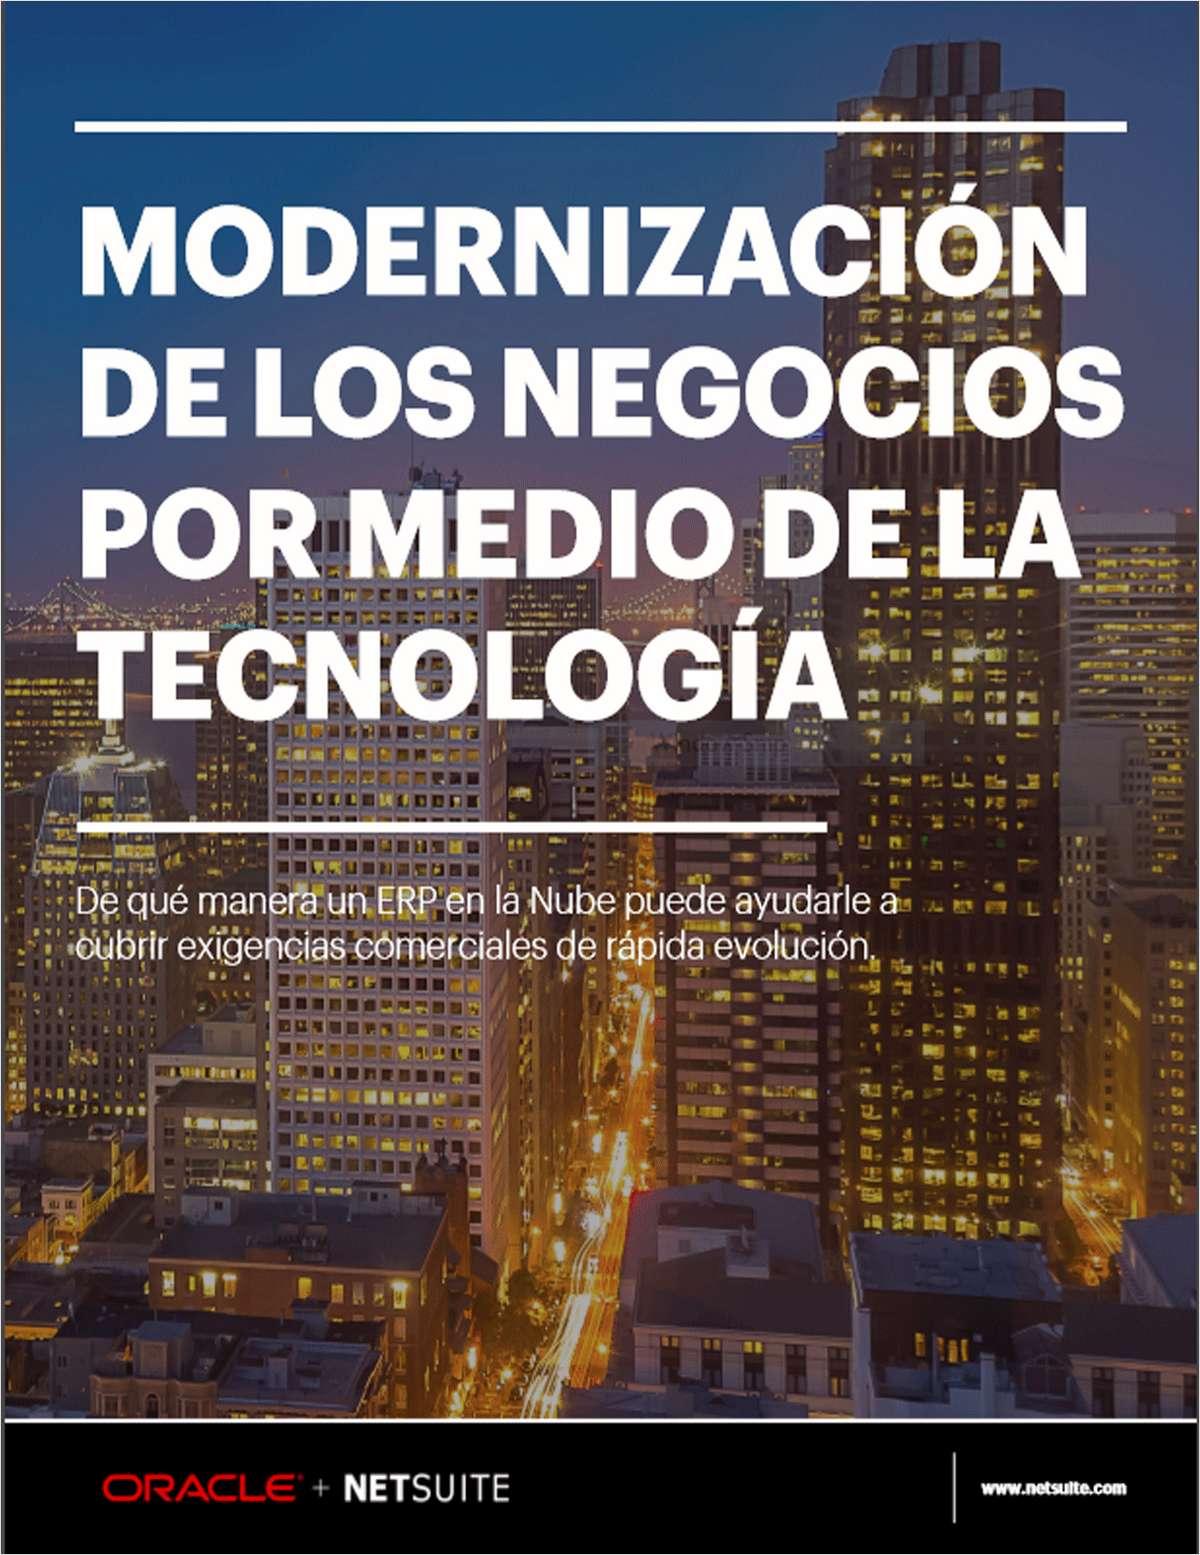 MODERNIZACIÓN DE LOS NEGOCIOS POR MEDIO DE LA TECNOLOGÍA